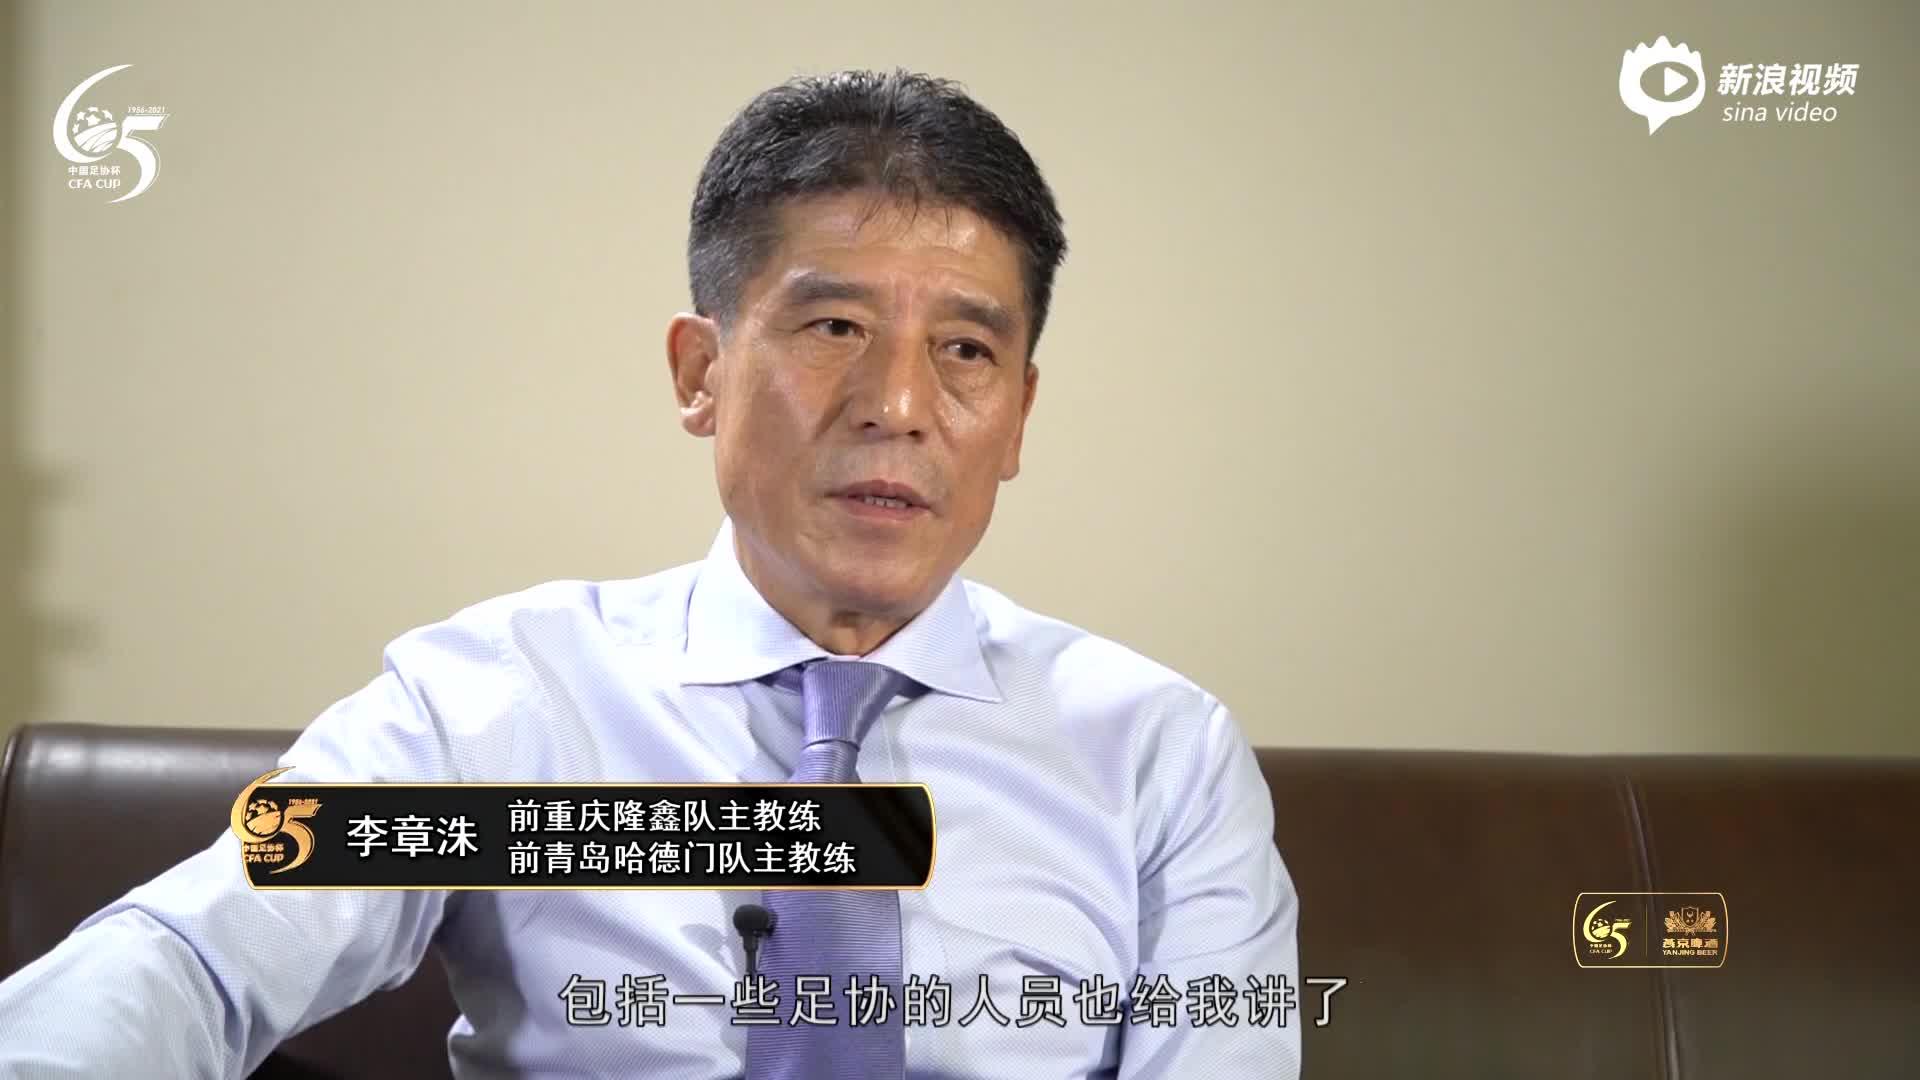 足协杯65周年特辑-第六集 李章洙的泪水